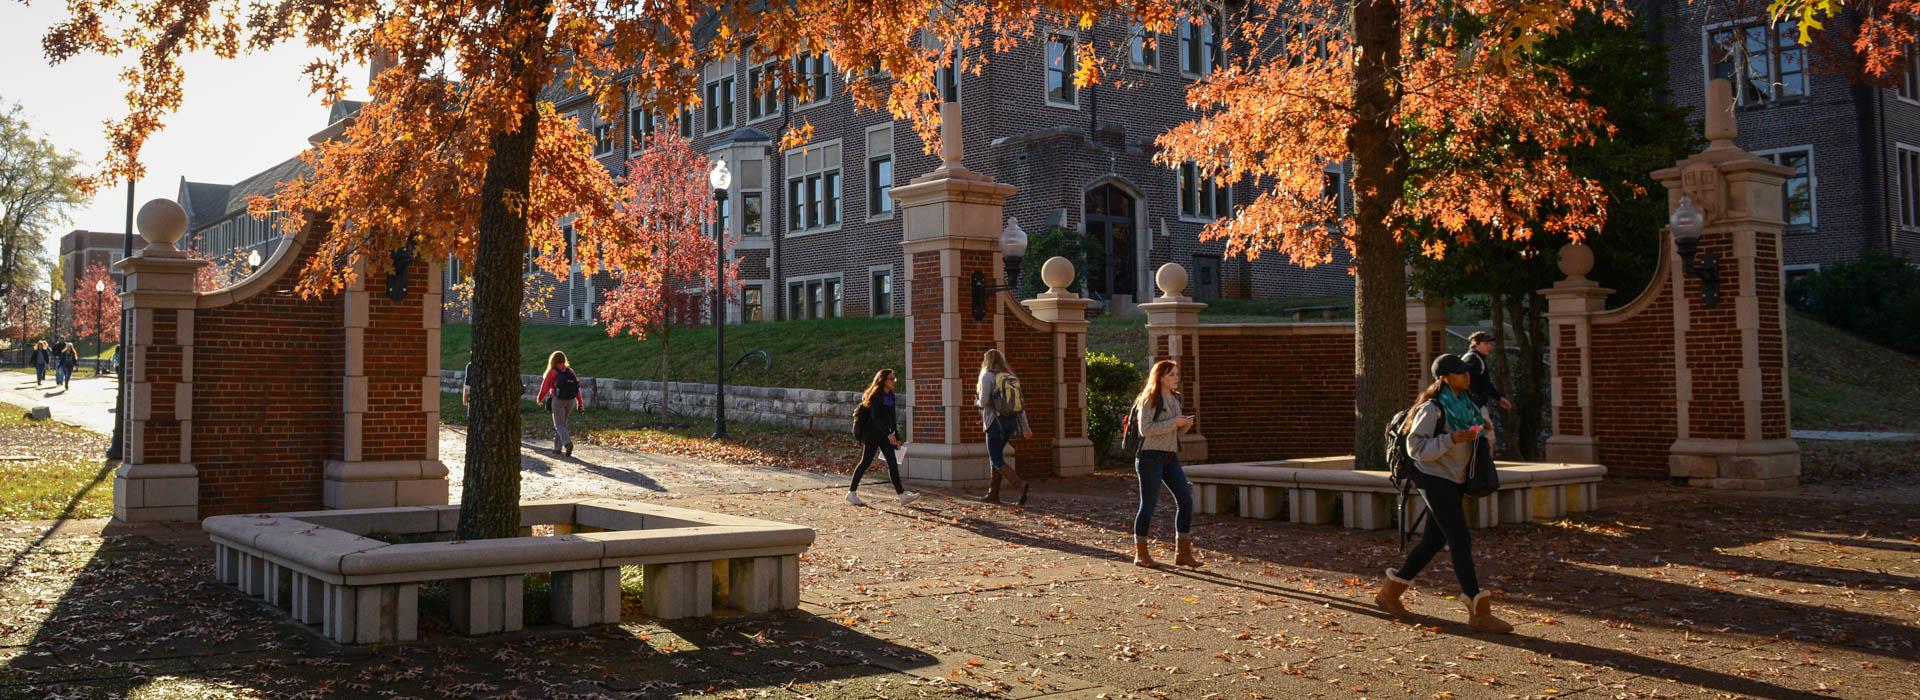 utc or utk Утц располагает развитой инфраструктурой, включающей: - 3-х этажный учебный корпус с.